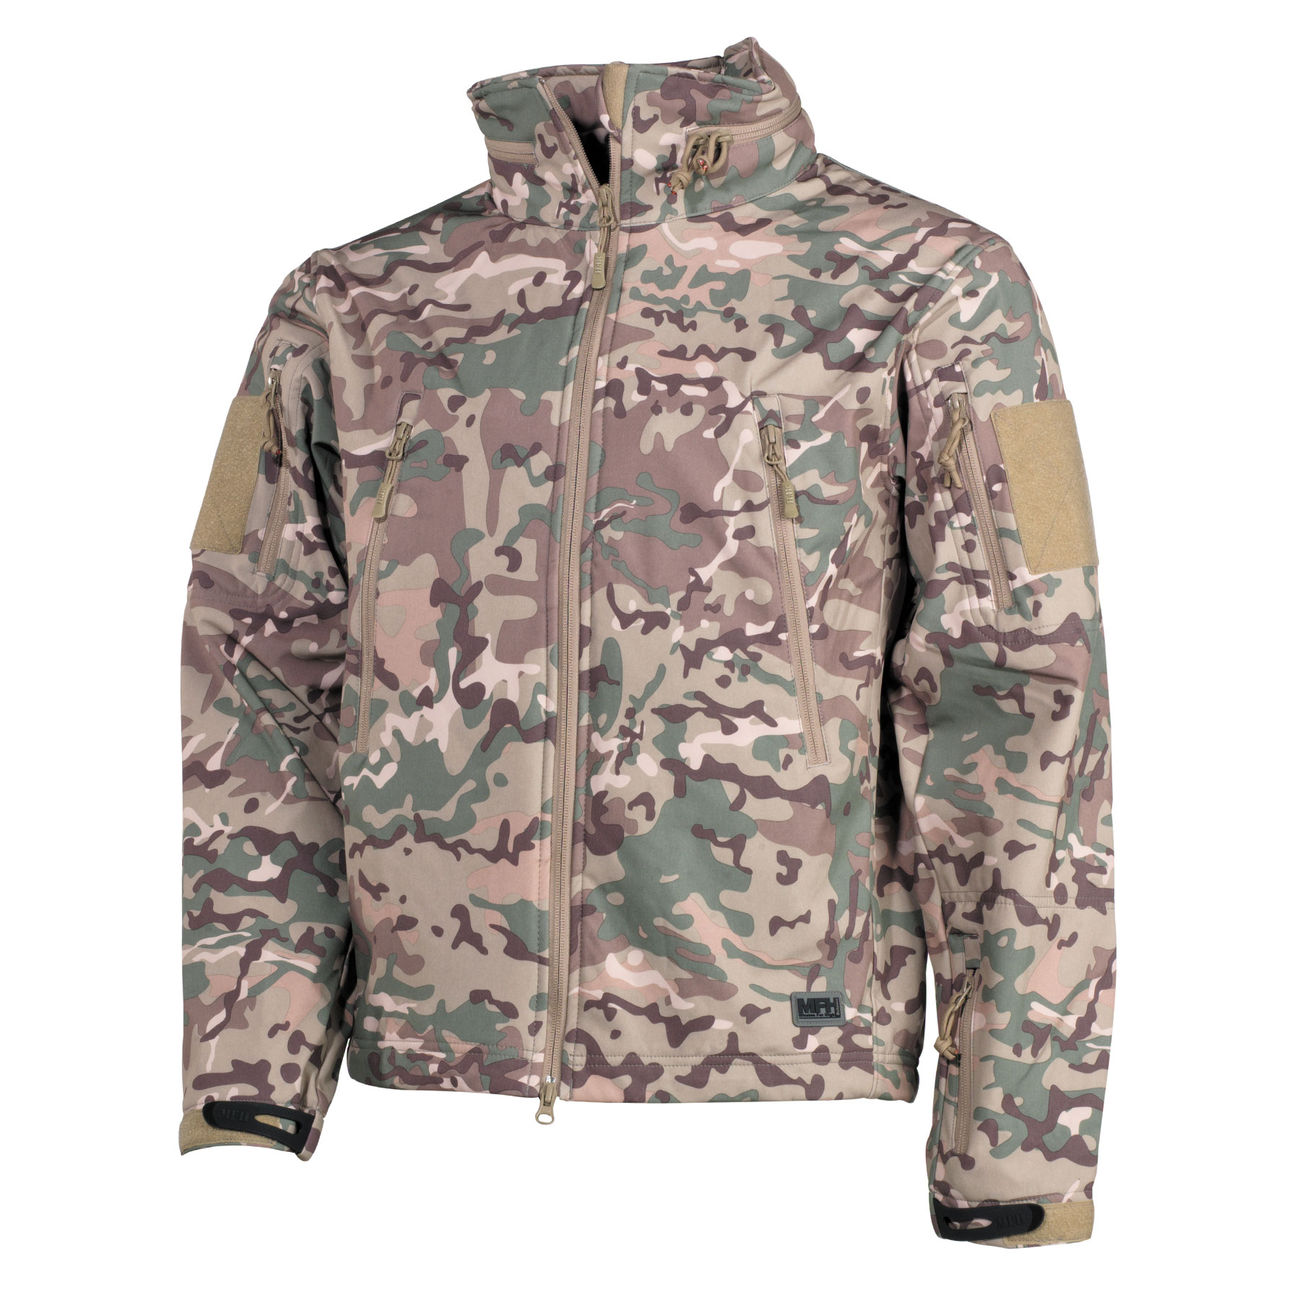 softshell jacke camouflage